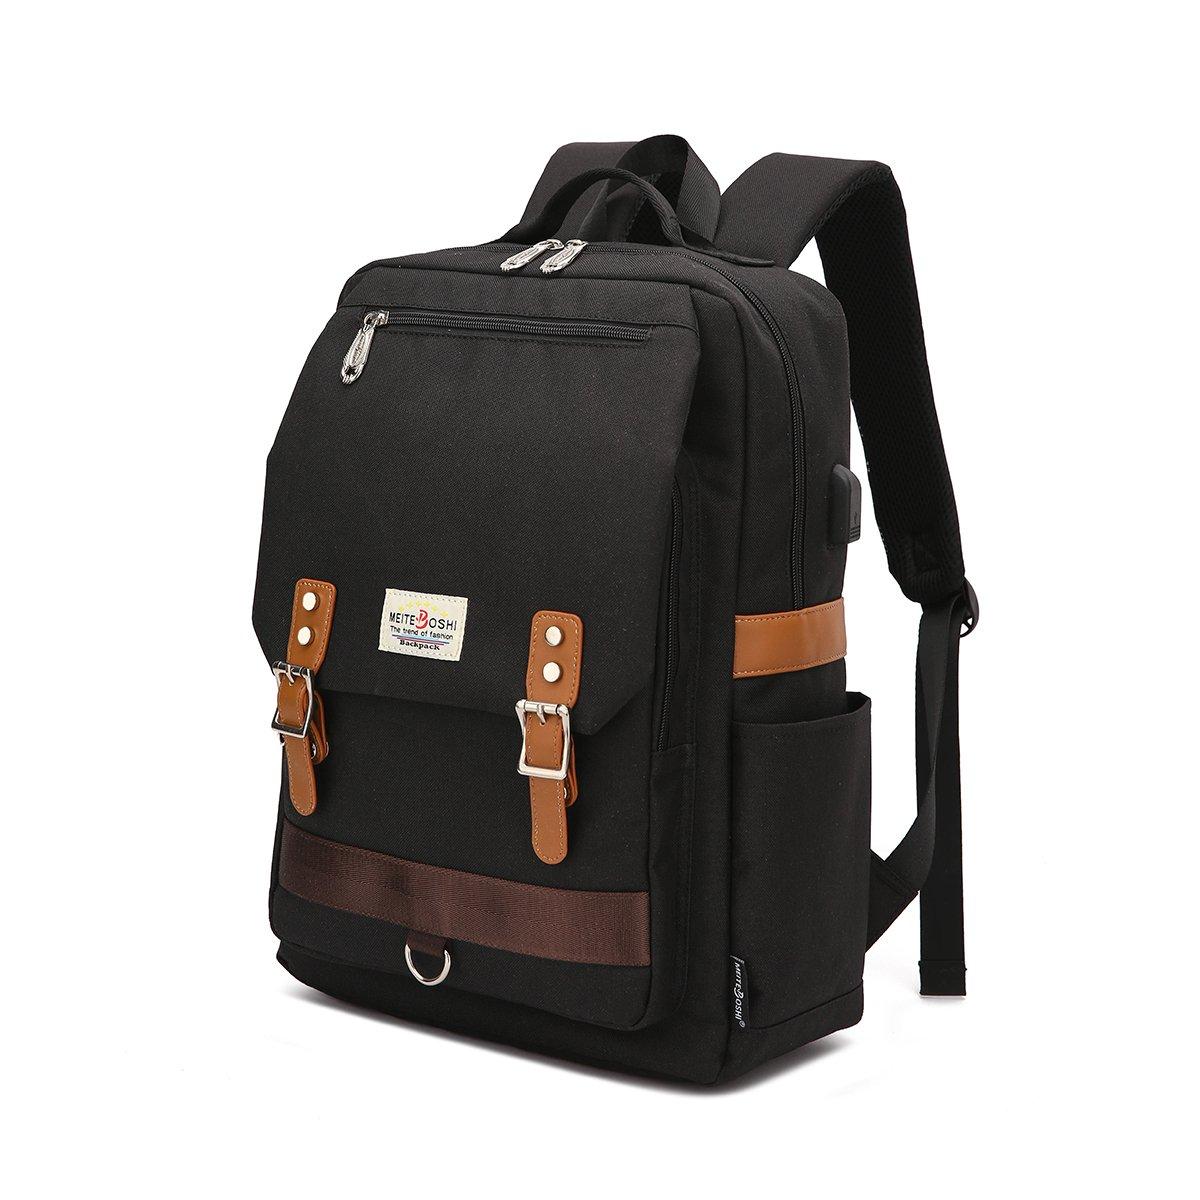 Mochila para portá til, mochila escolar para portá til de 15.6 pulgadas con puerto de carga USB para hombres y mujeres(verde) mochila escolar para portátil de 15.6 pulgadas con puerto de carga USB para hombres y mujeres(verde) MEITEBOSHI